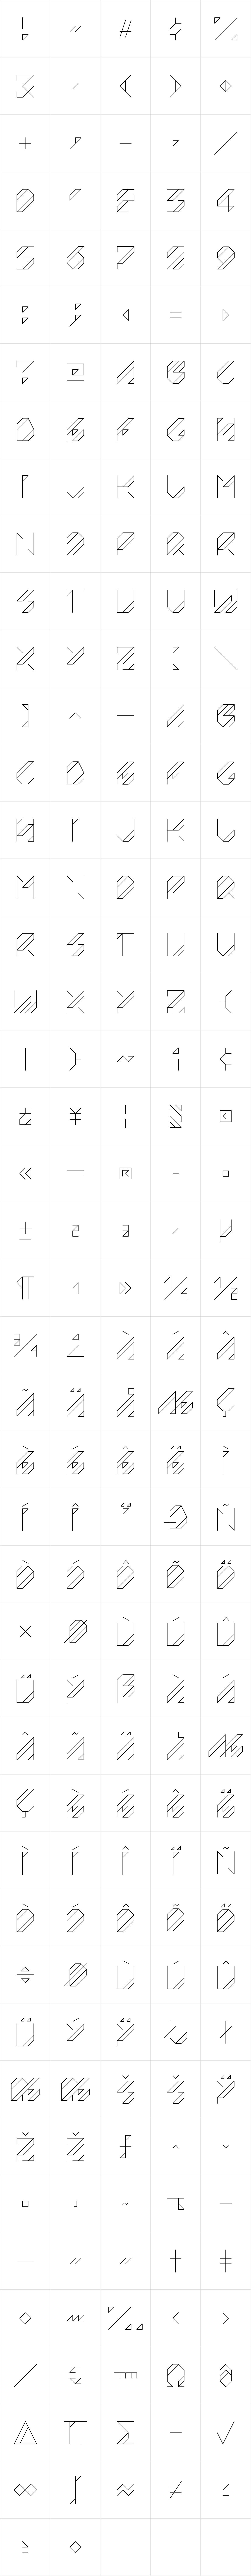 Gardanio Outline